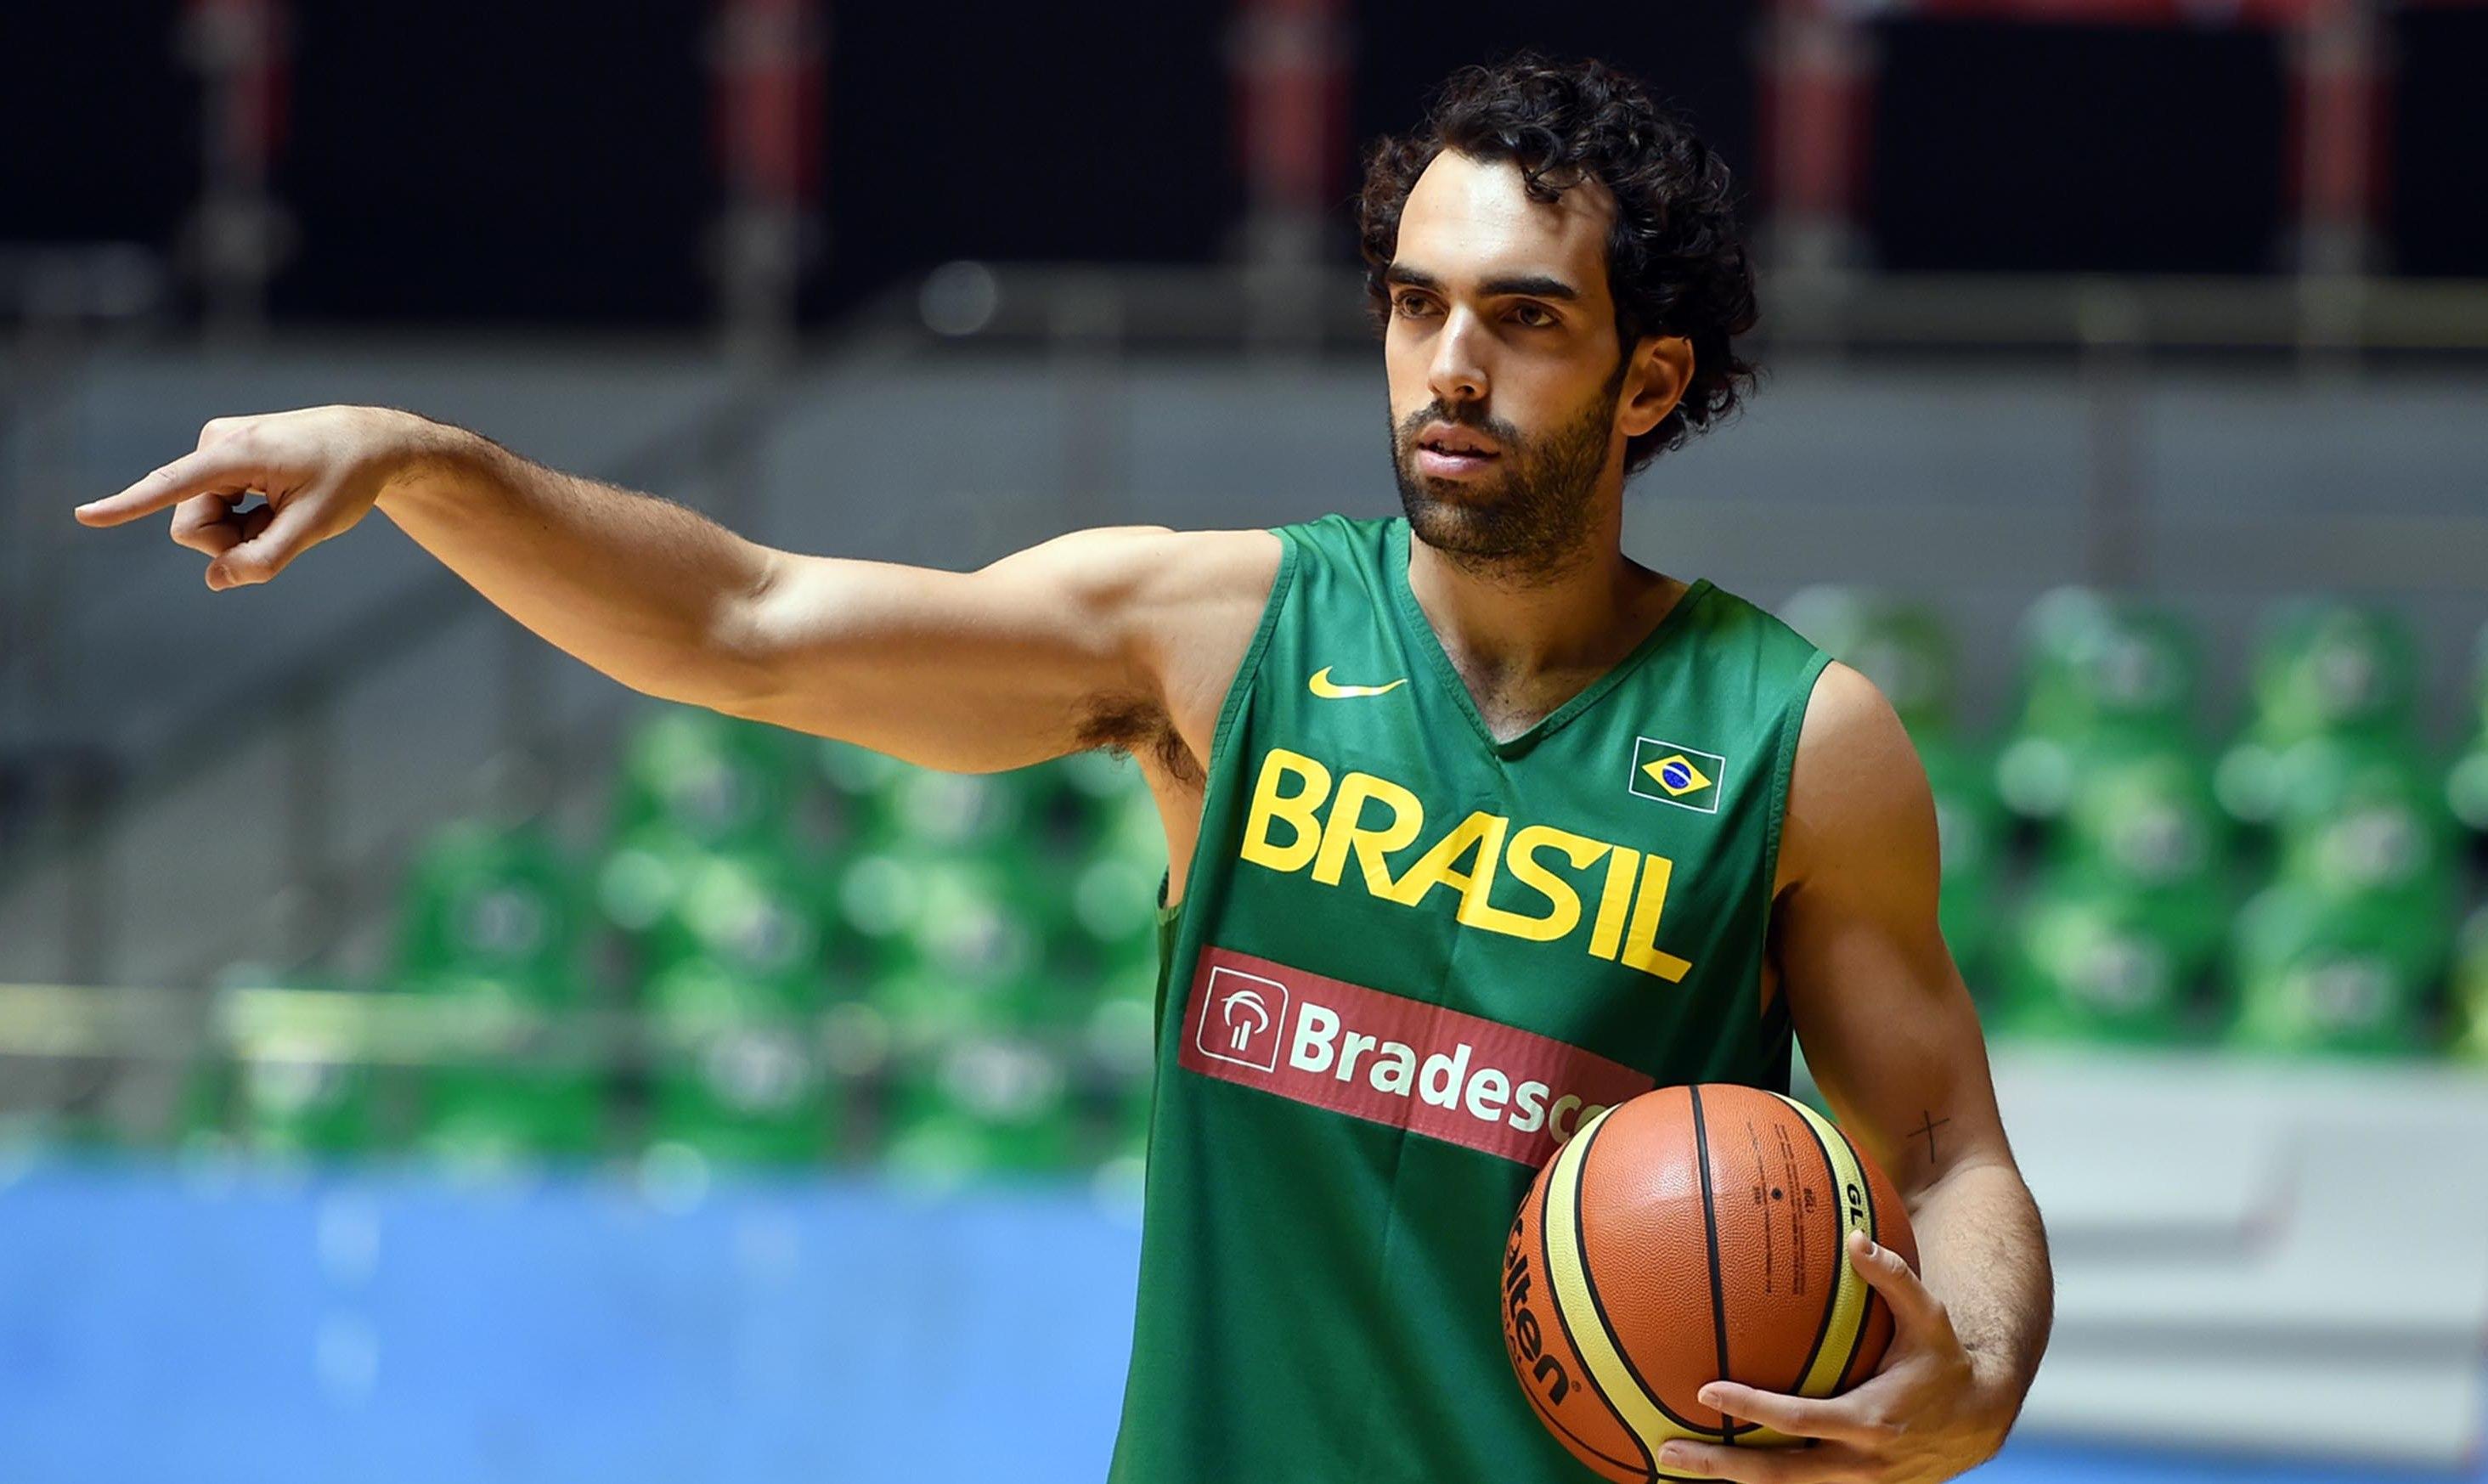 Desafio BRA de Basquete - Desafio BRA de Basquete, treino da selecao brasileira de Basquete. - Brasil - df - Brasilia - Ginasio Nilson Nelson -  - www.inovafoto.com.br - id:98632